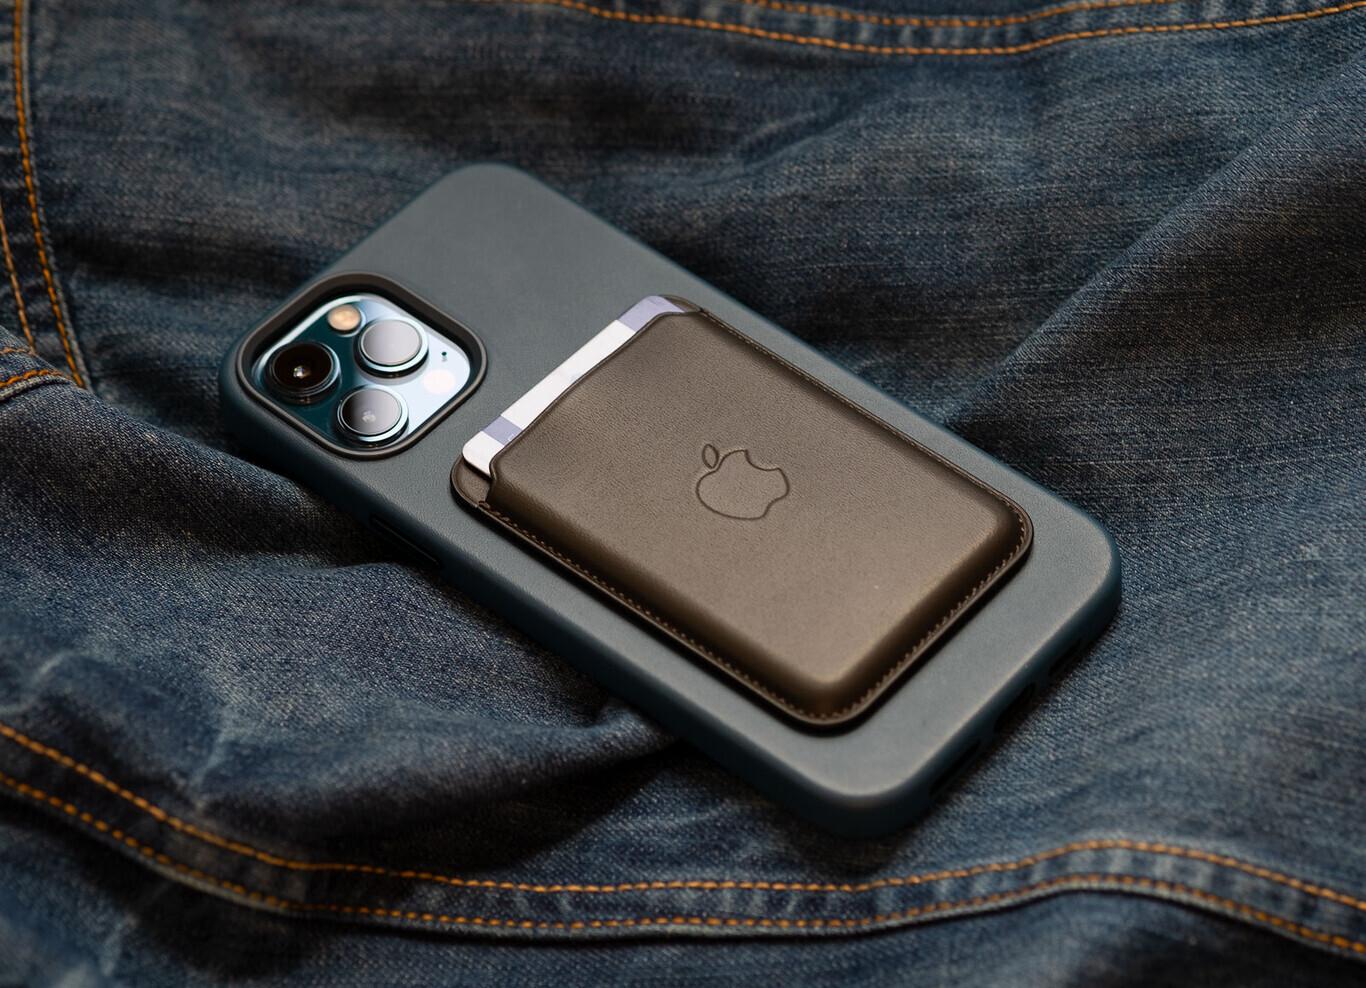 Desde la perspectiva de un analista, ¿qué es lo más esperado del iPhone 13?